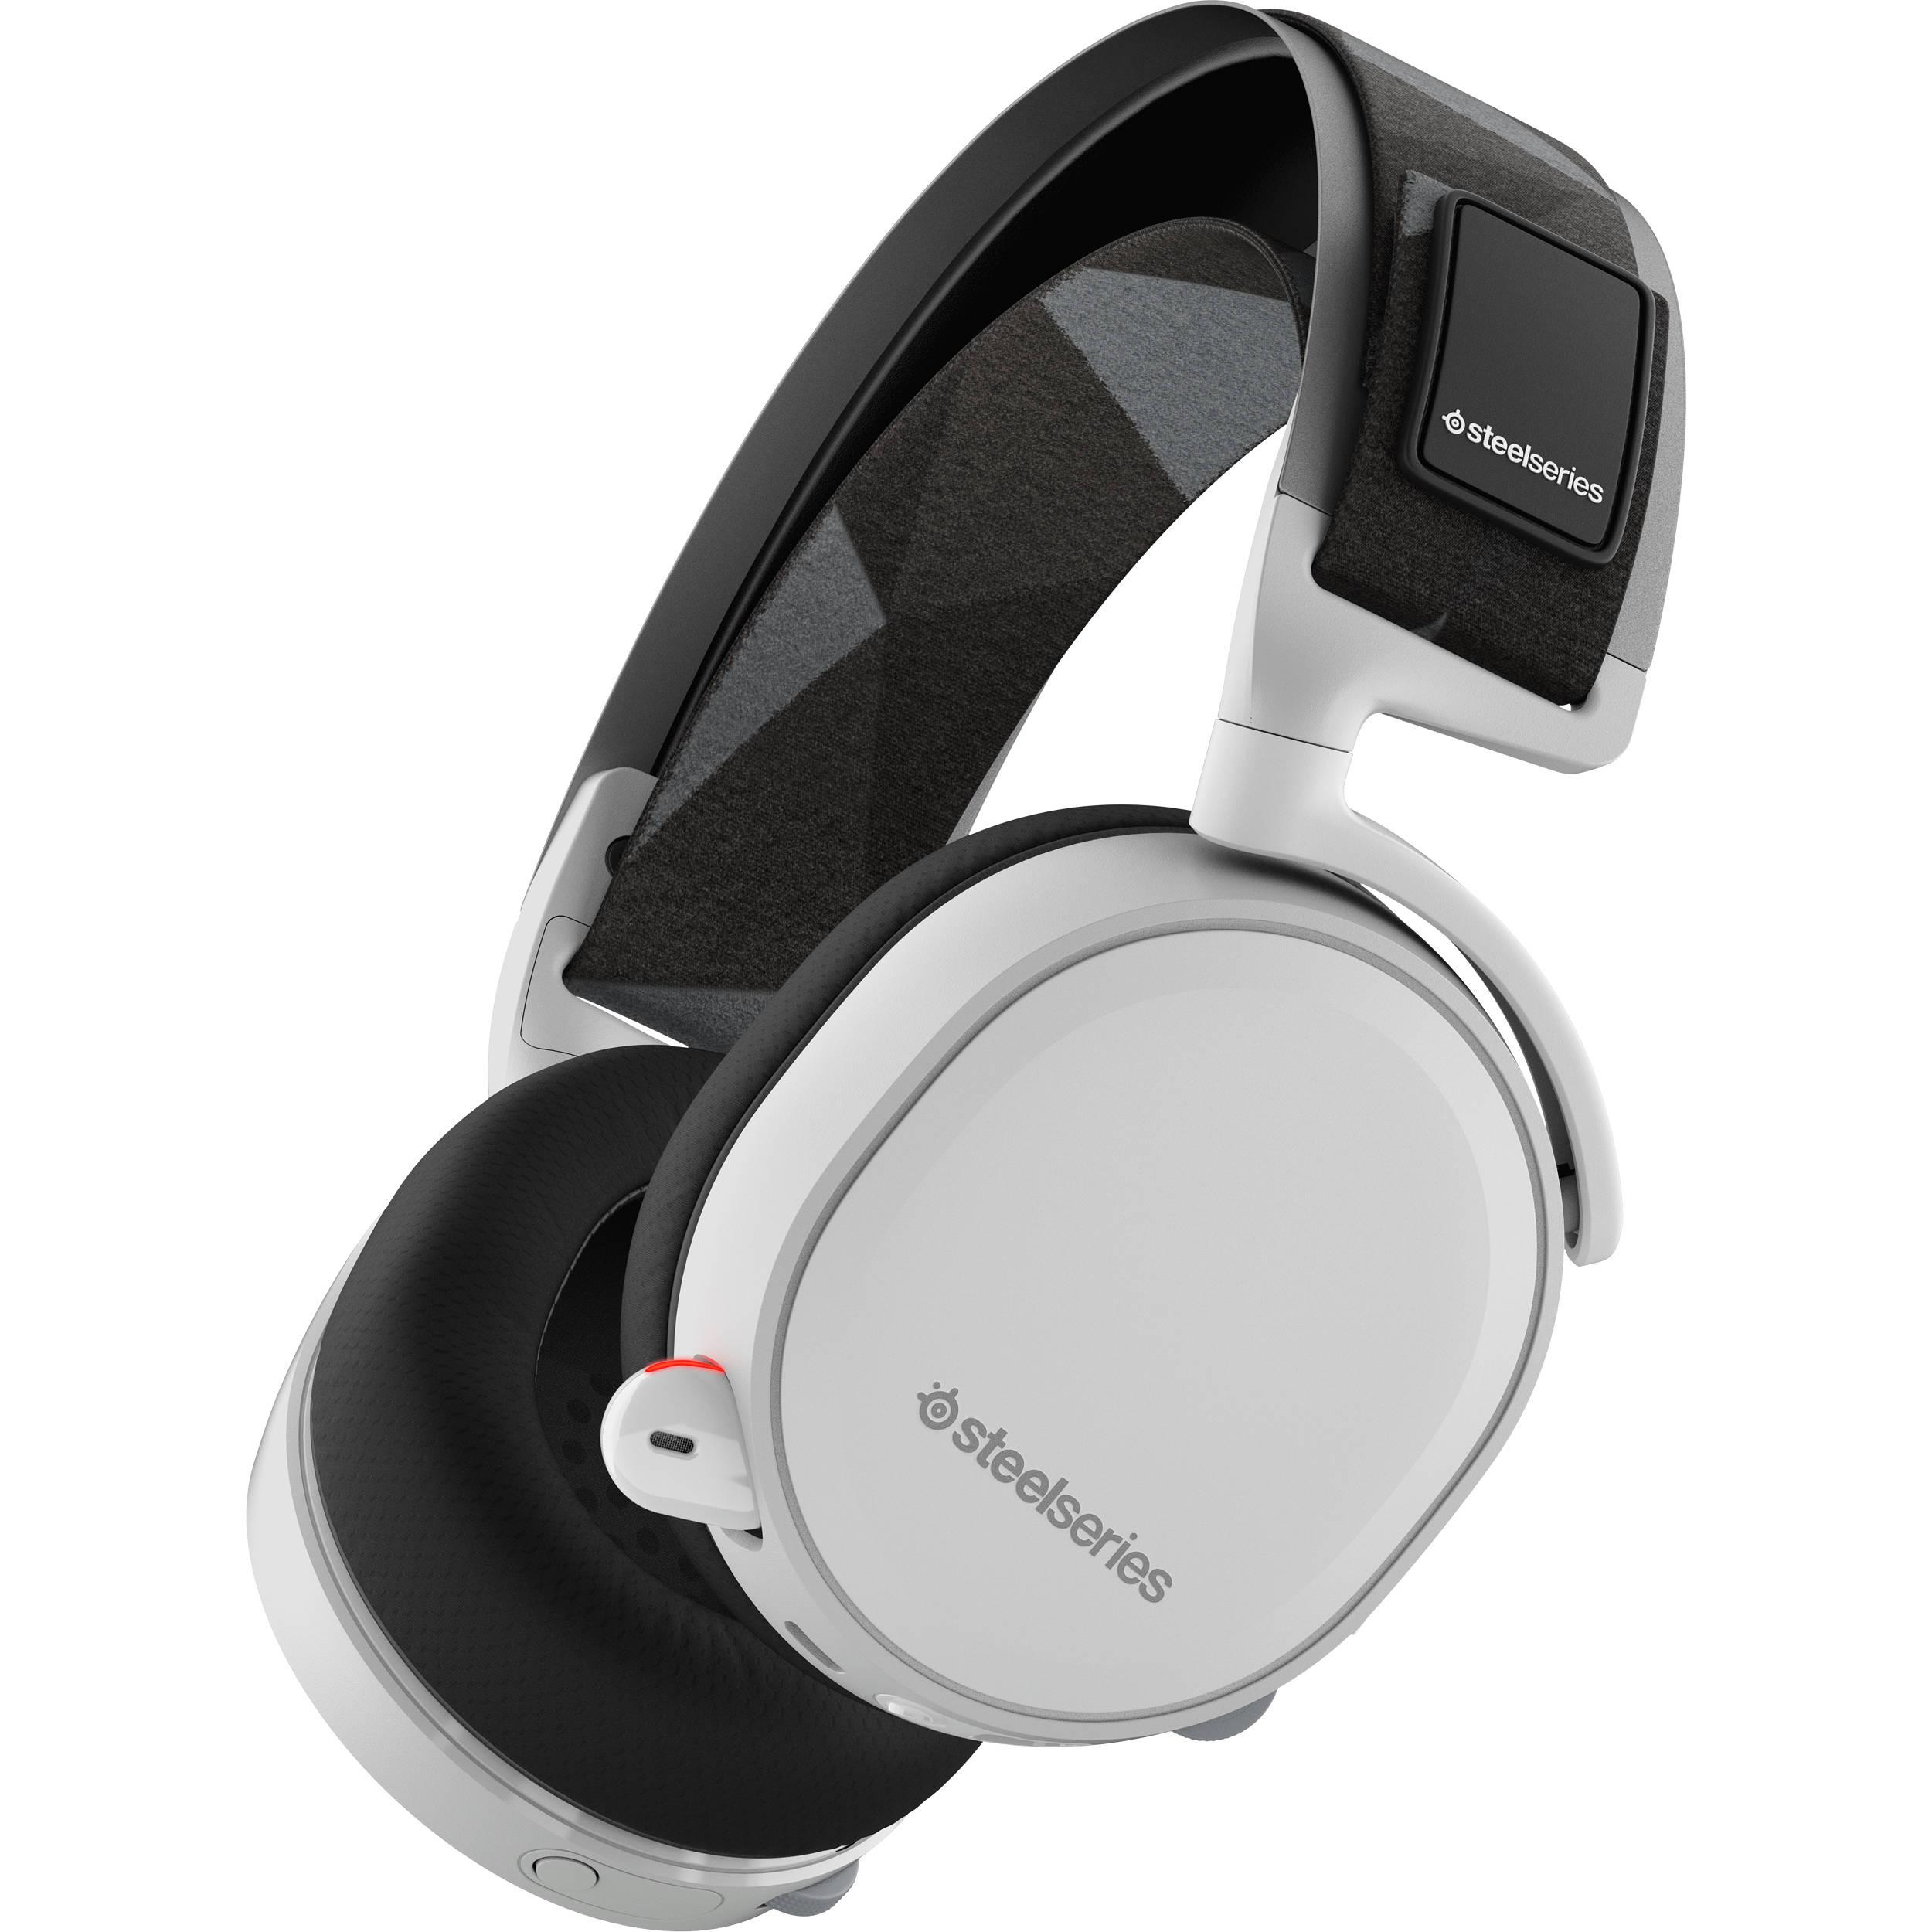 Headphones jack accessories - SteelSeries Arctis 7 (black) Overview